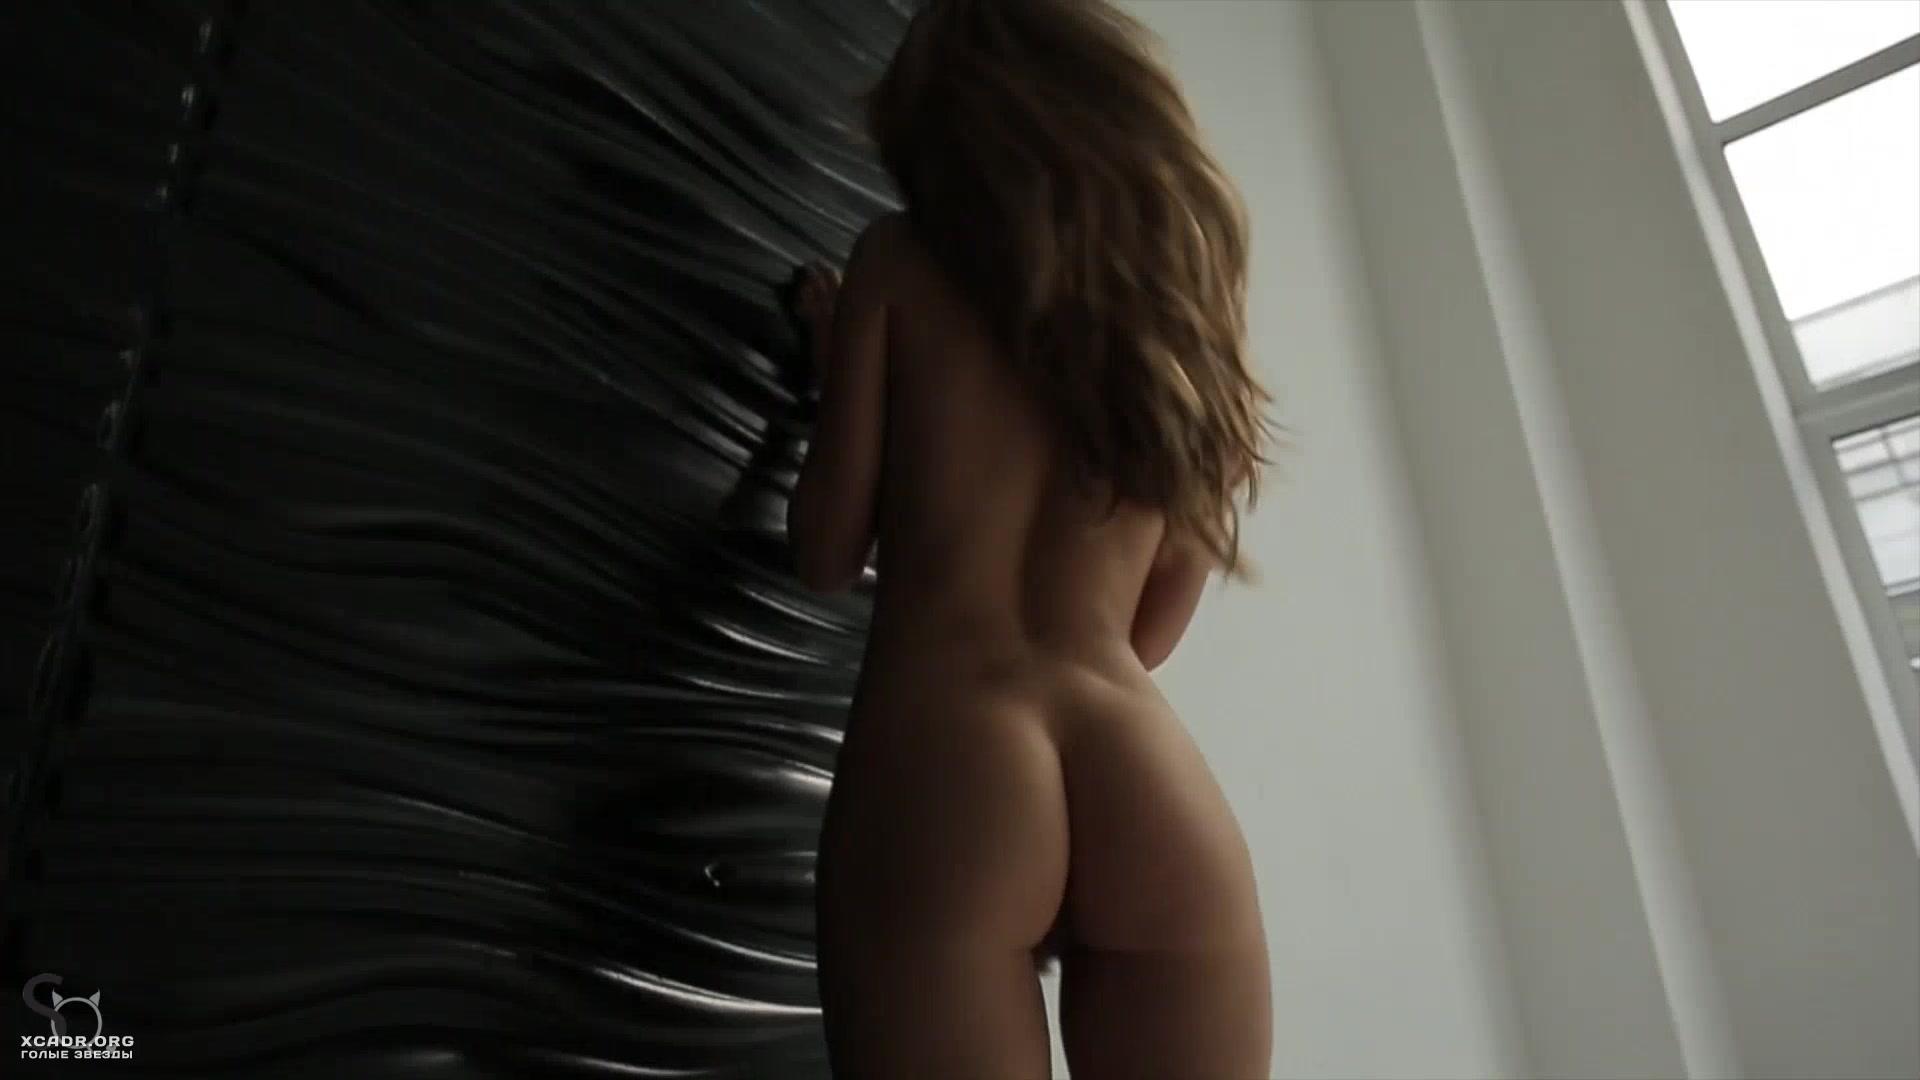 eroticheskiy-video-anastasiya-zavaruhina-aktrisa-porno-s-elenoy-kudryashovoy